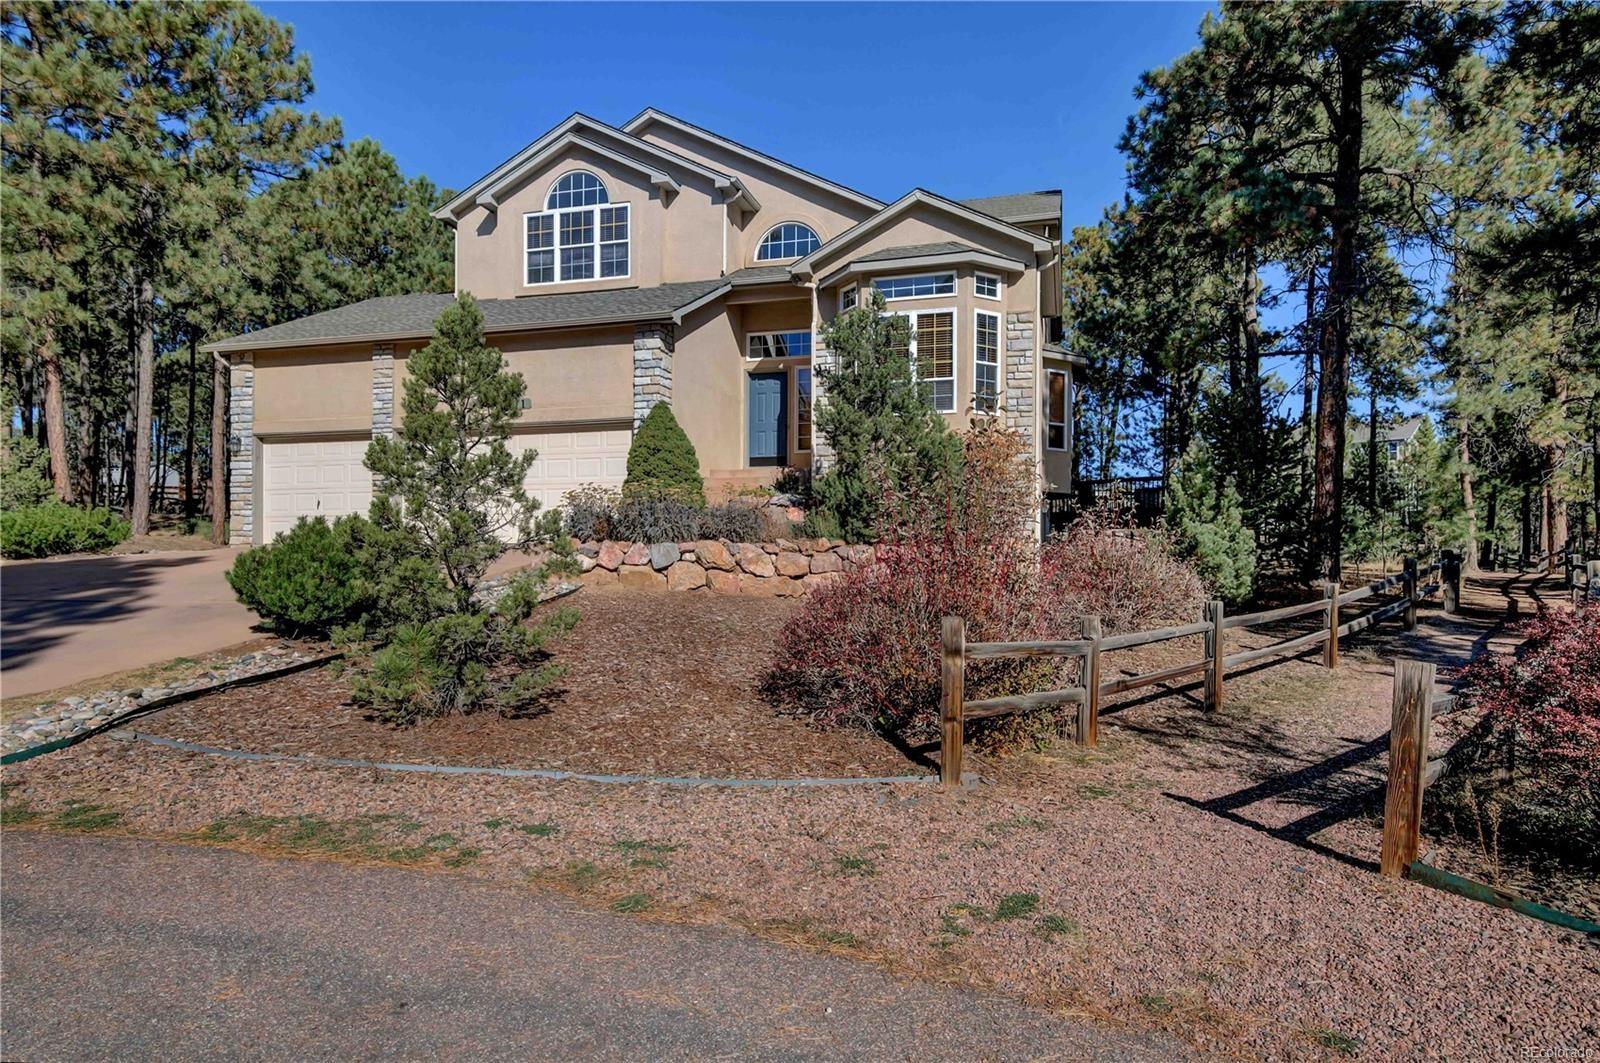 MLS# 5456451 - 32 - 15971 Woodmeadow Court, Colorado Springs, CO 80921